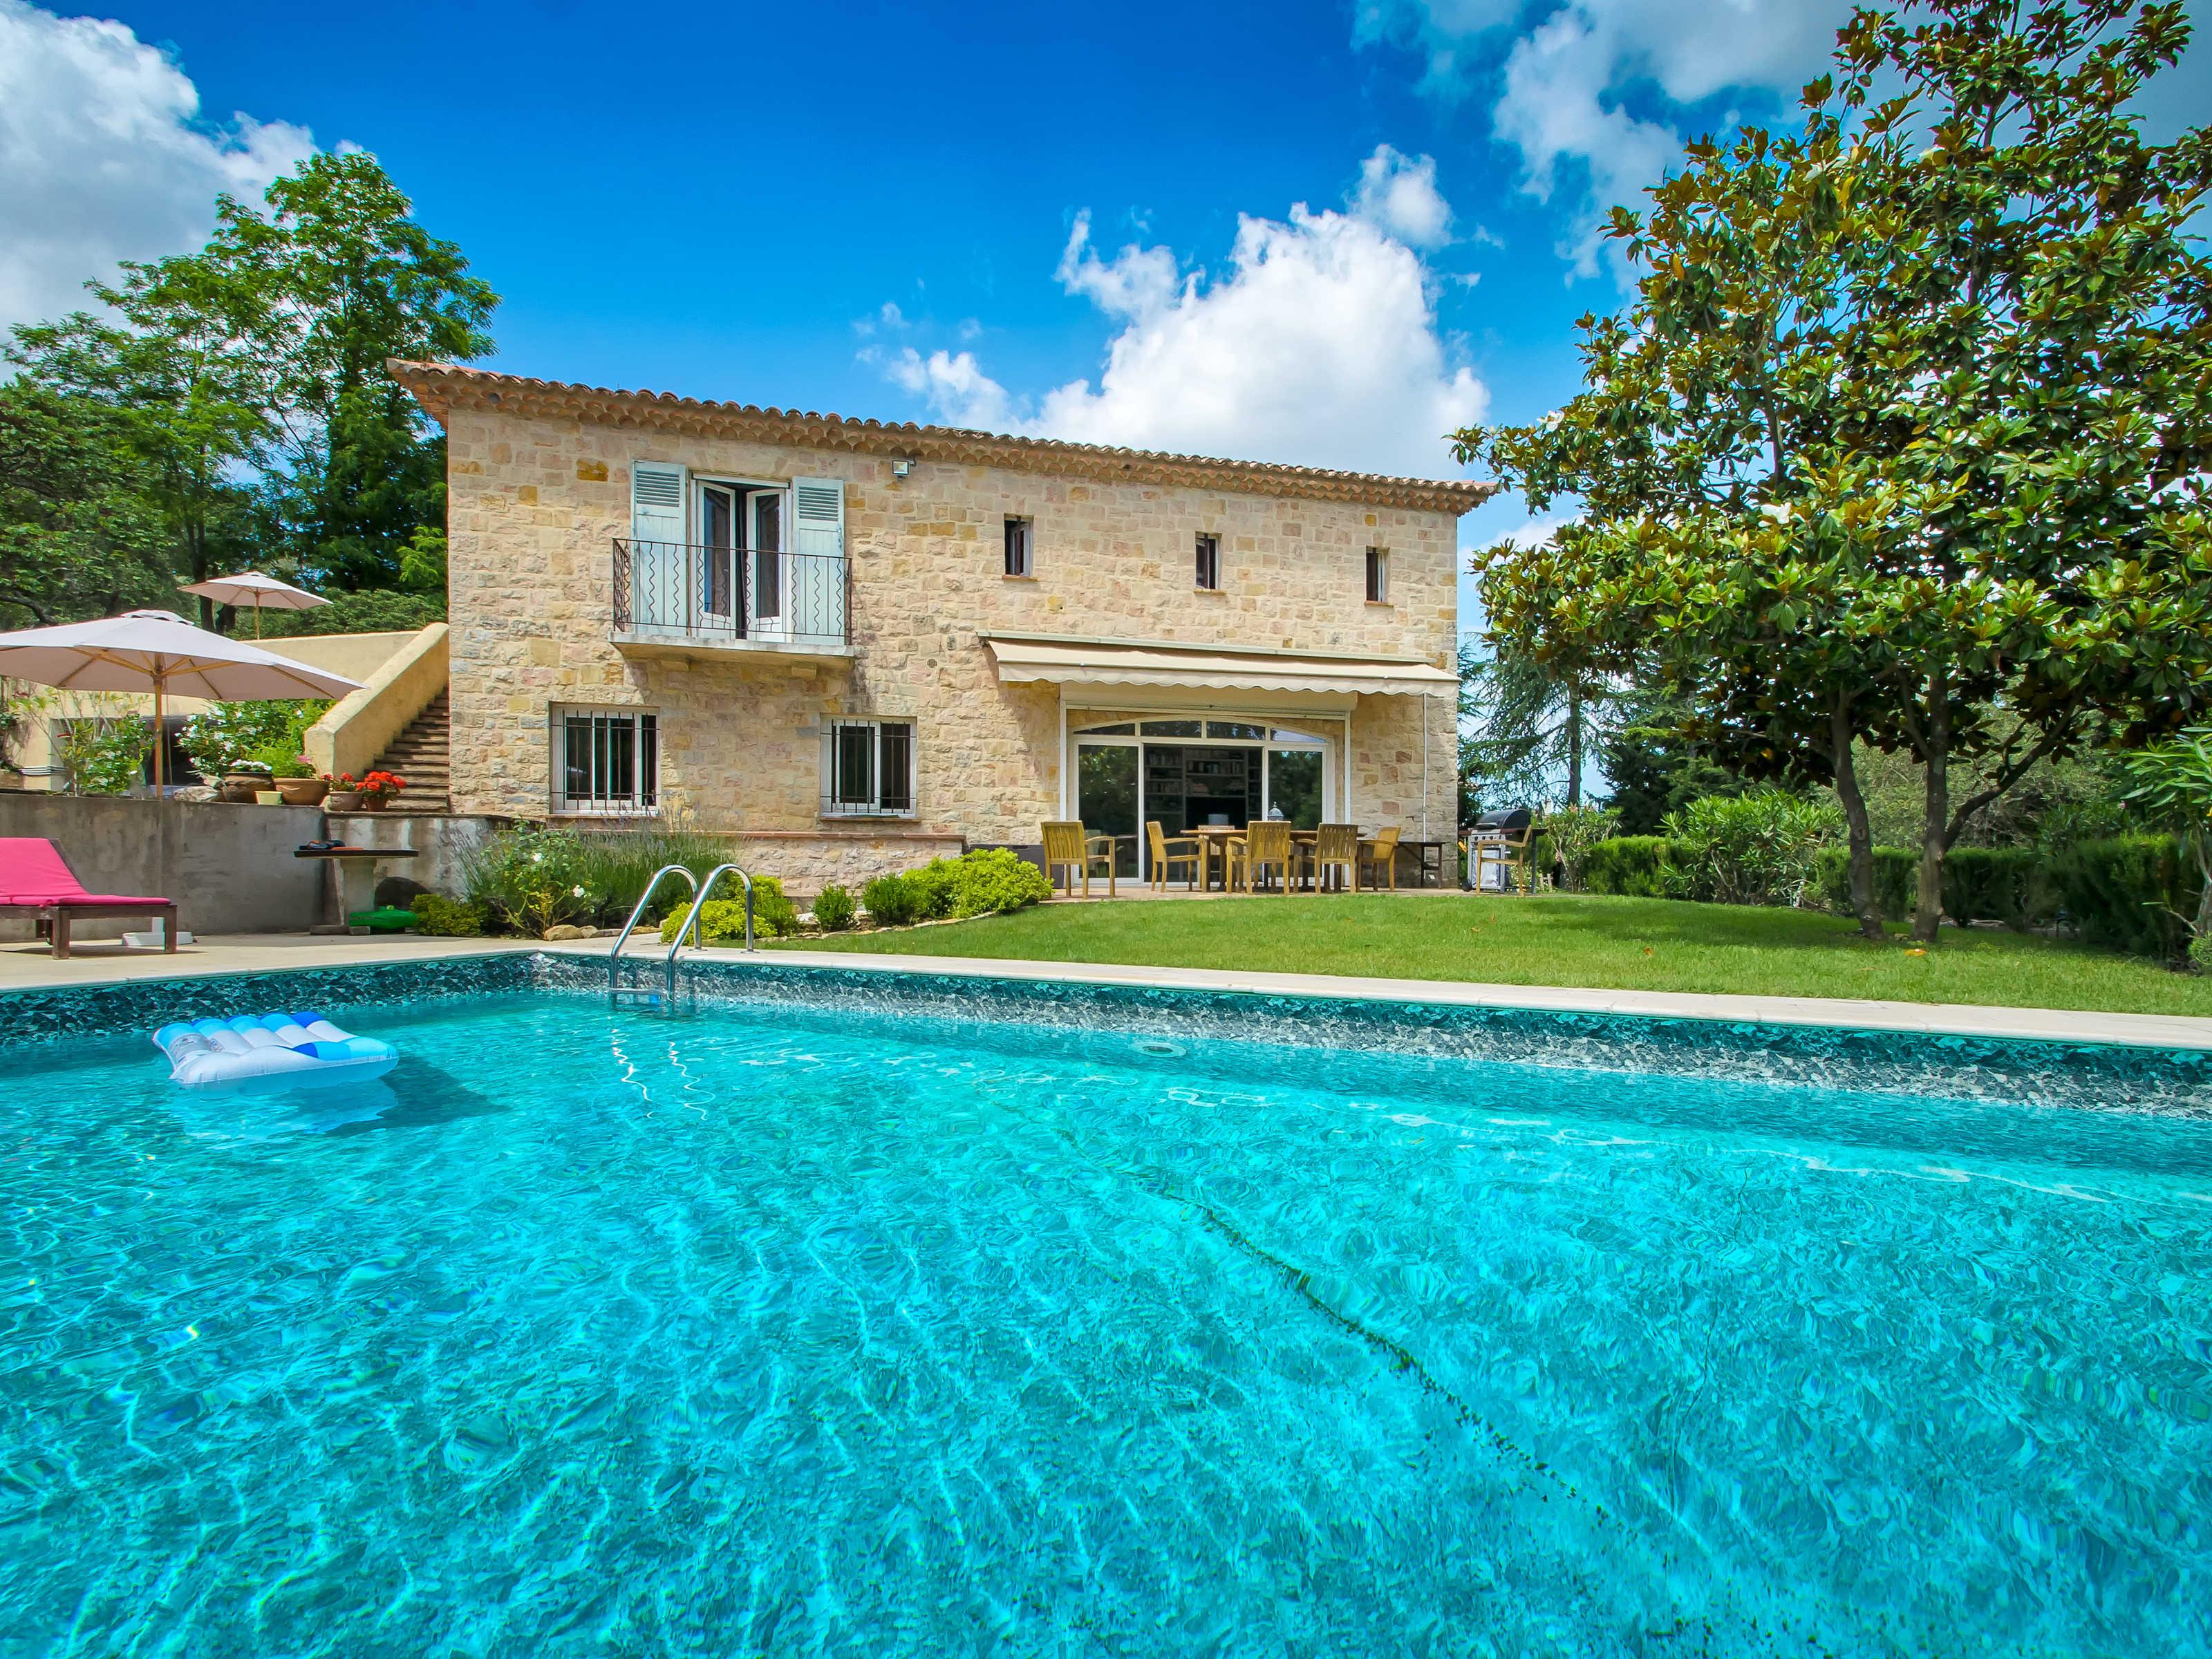 独户住宅 为 销售 在 STONE BASTIDE NEAR GOLF Mougins, 普罗旺斯阿尔卑斯蓝色海岸 06250 法国